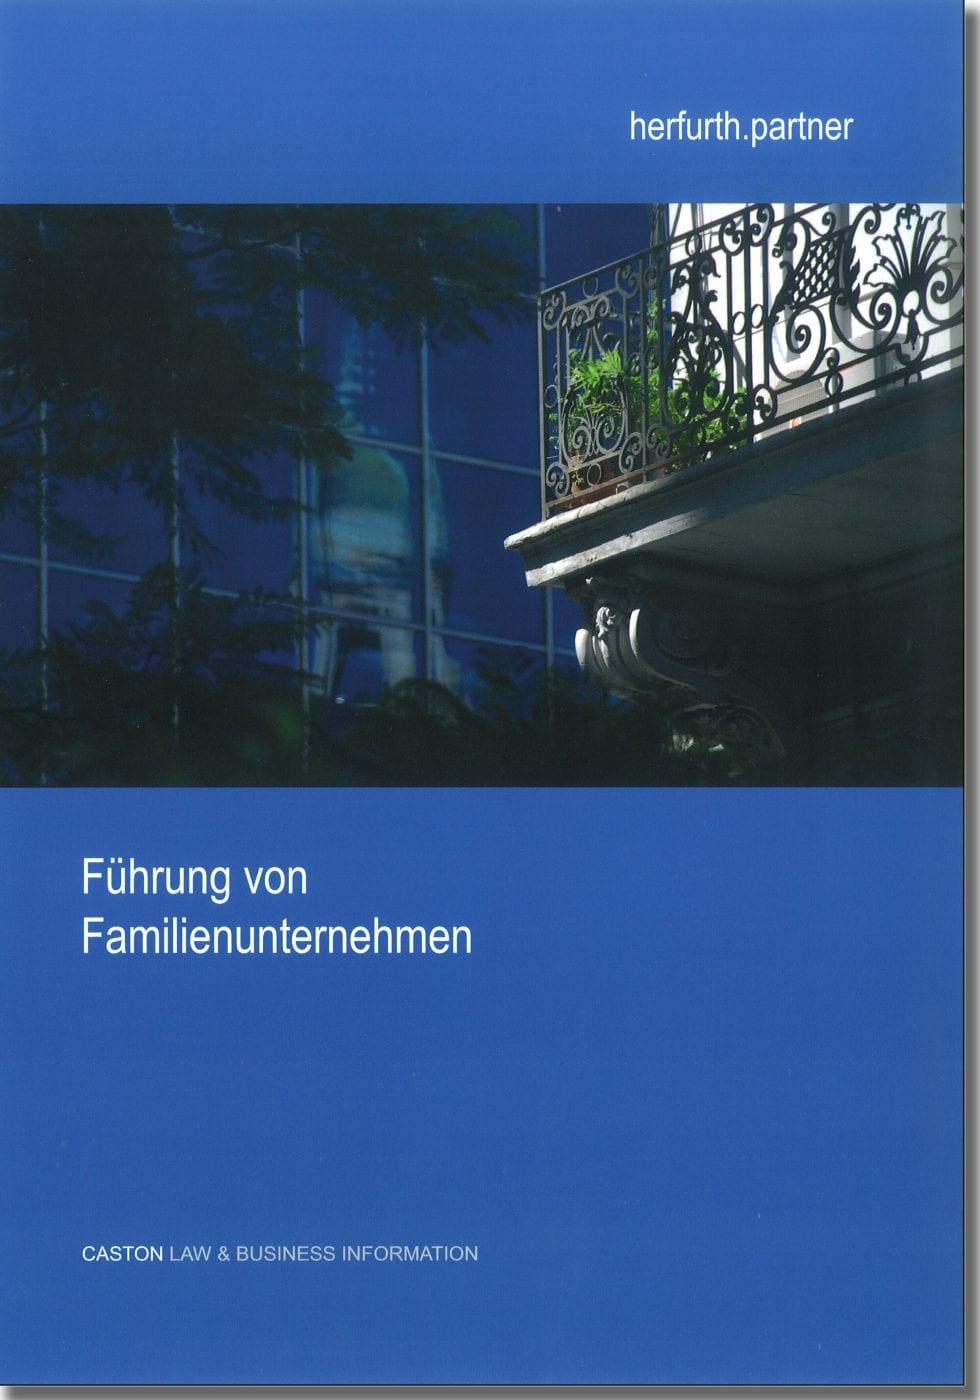 fuehrung-von-fu-schlagschatten